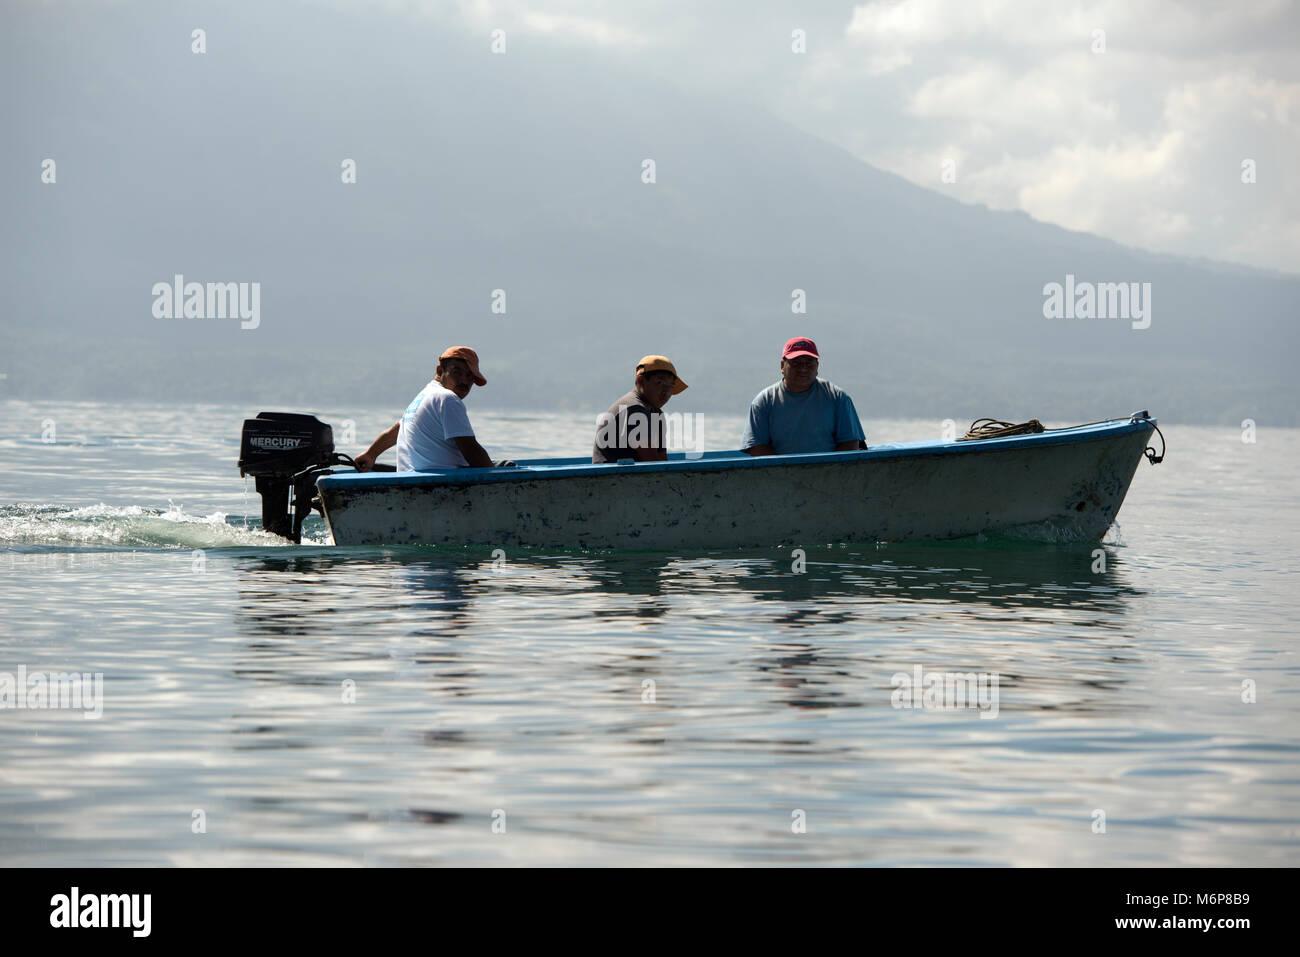 Indigenous, ethnic Maya men travelling by boat on Lake Atitlan. Lake Atitlán, Sololá Department, Guatemala. - Stock Image